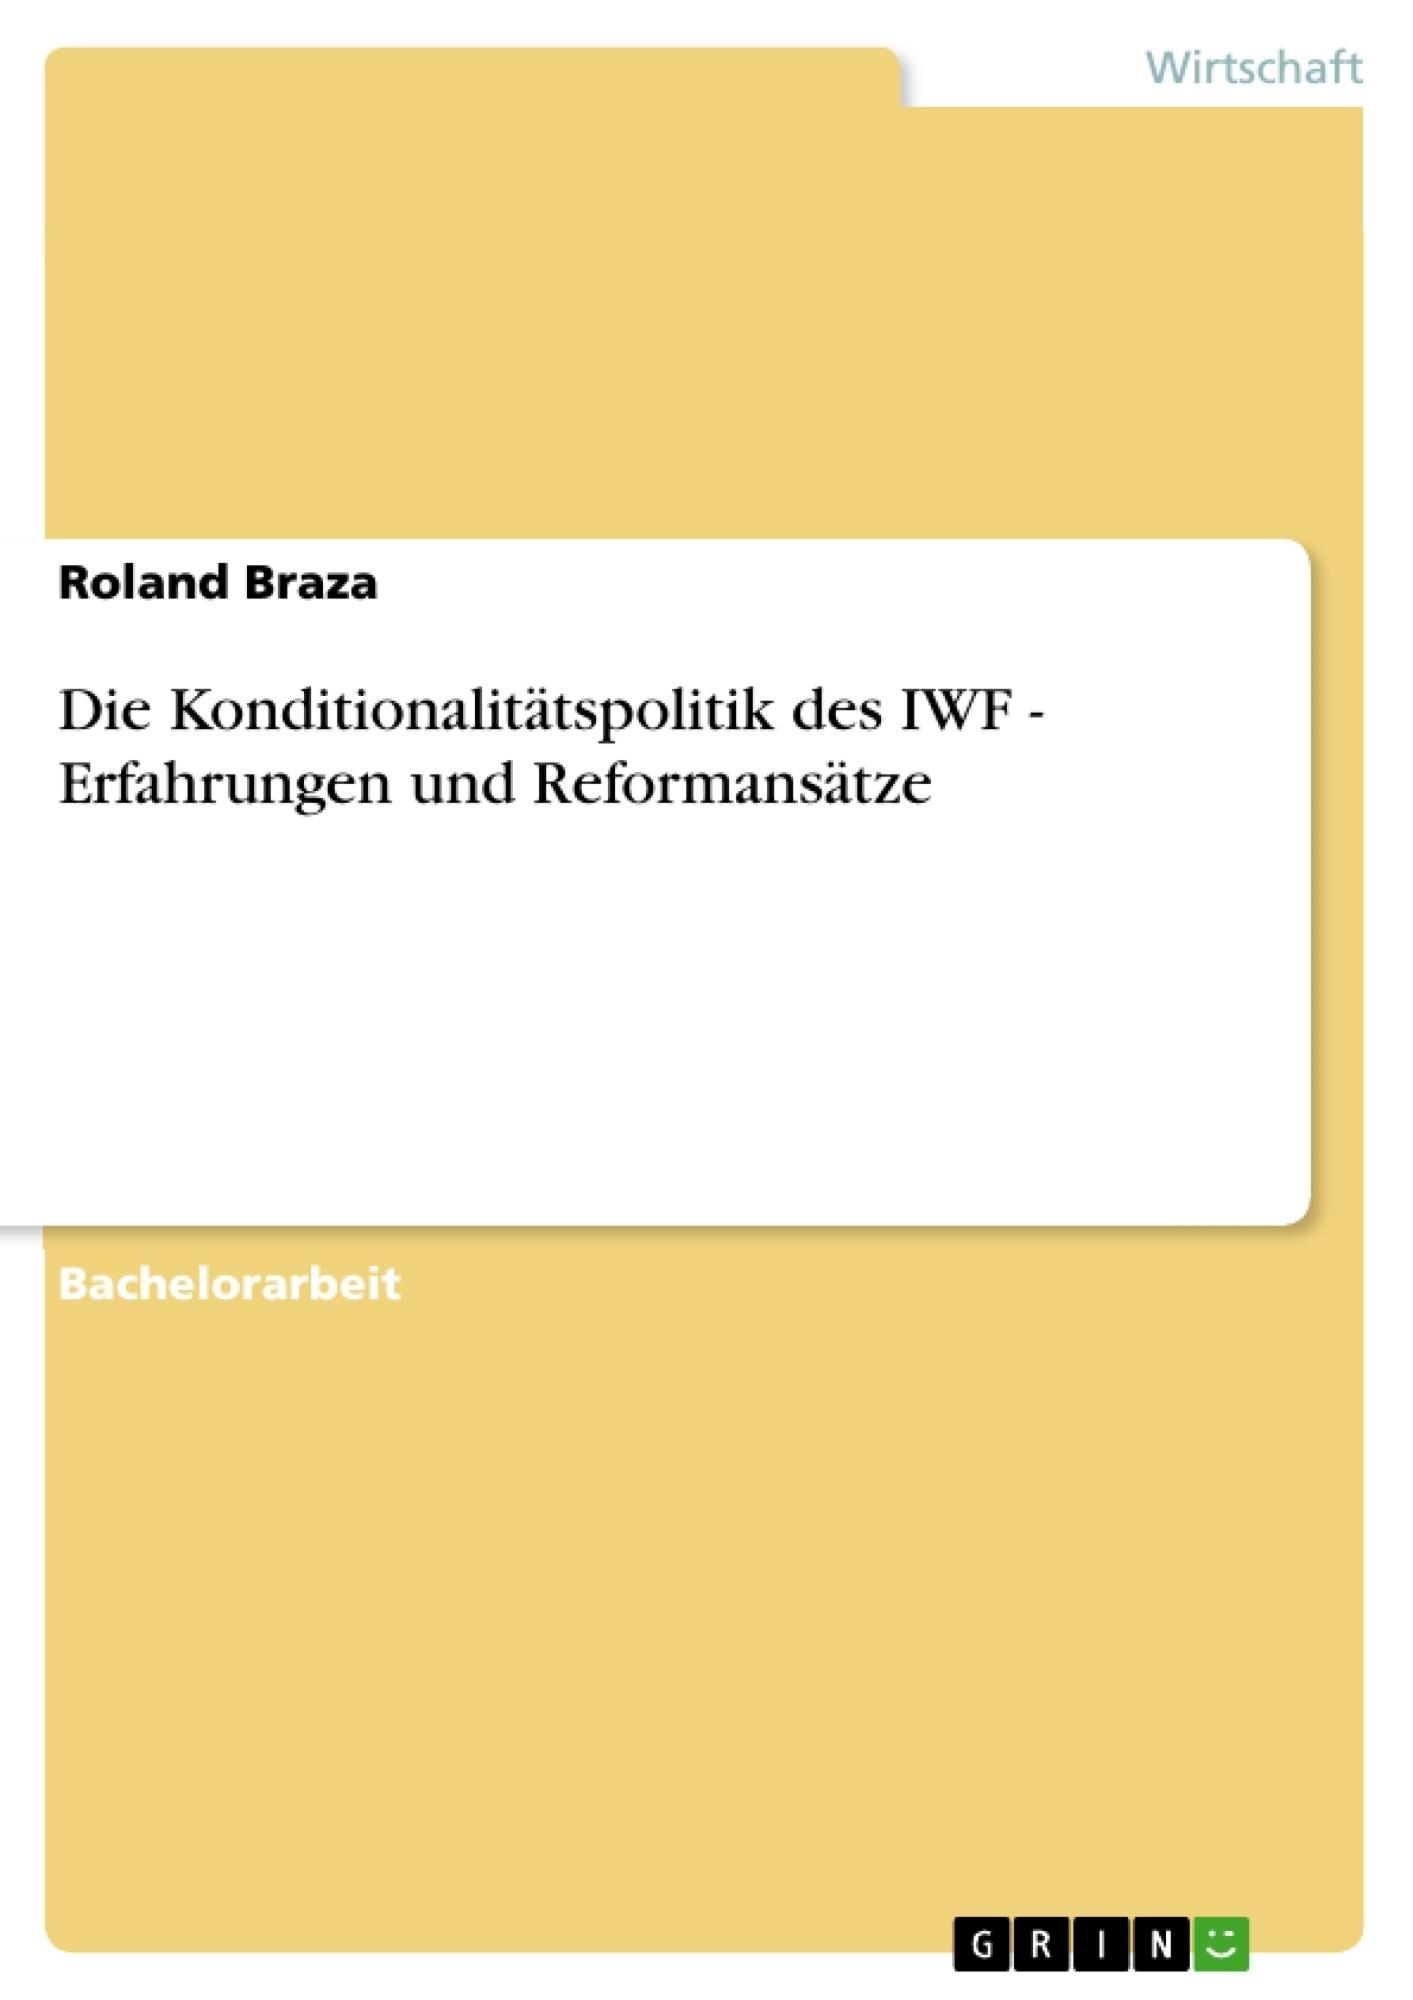 Titel: Die Konditionalitätspolitik des IWF - Erfahrungen und Reformansätze